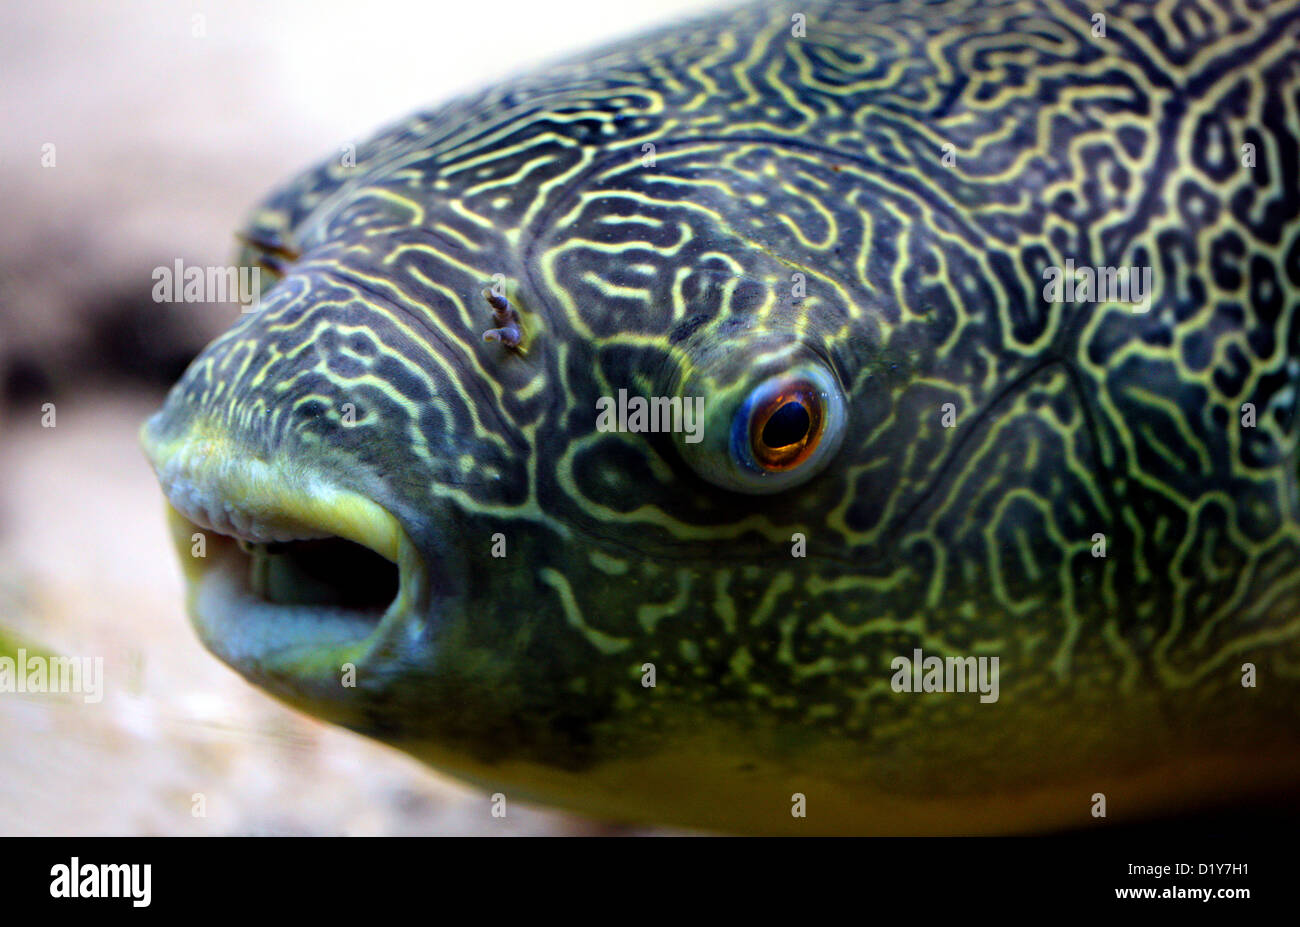 Mbu Puffer, Giant Puffer or Giant Freshwater Puffer fish, Tetraodon mbu, Tetraodontidae. Aka Congo River Puffer - Stock Image